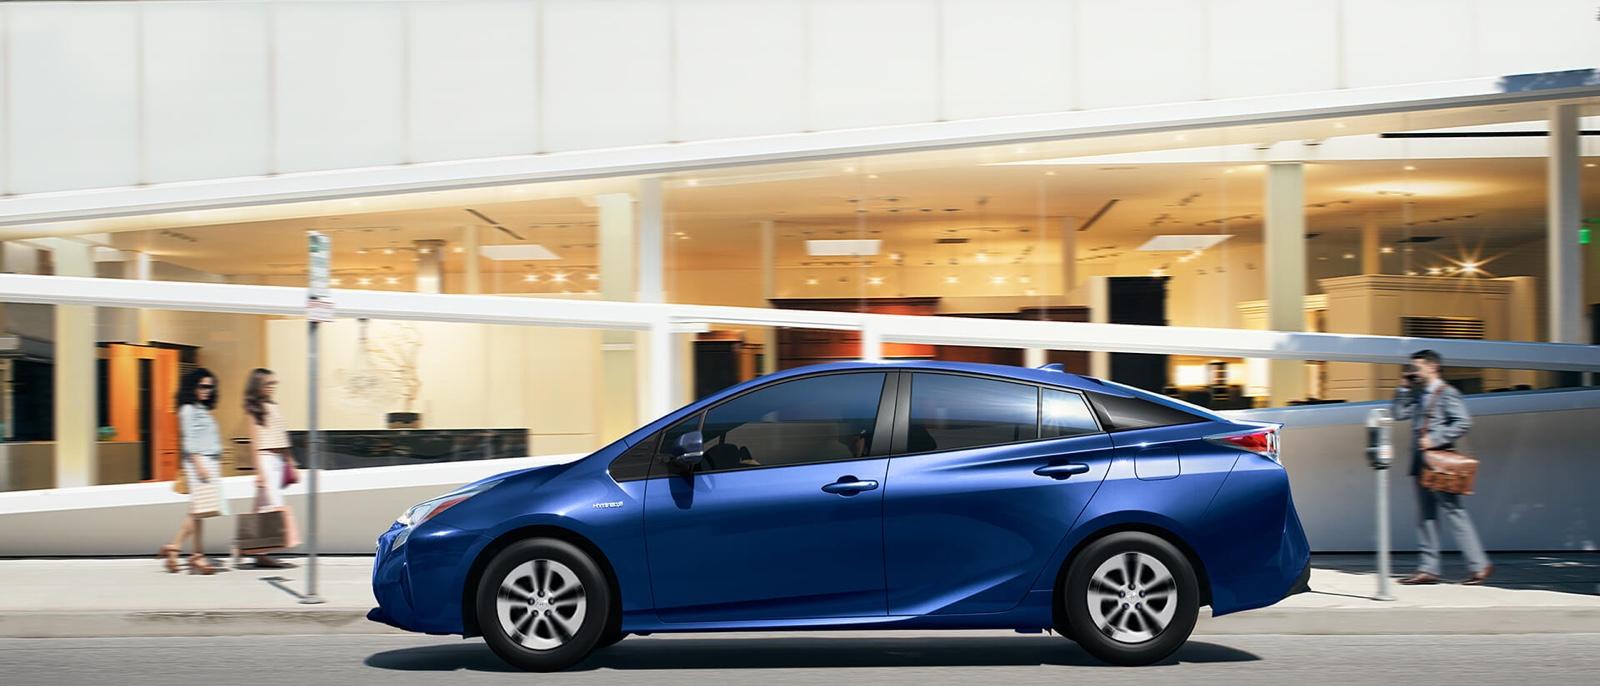 2016 Toyota Prius blue exterior